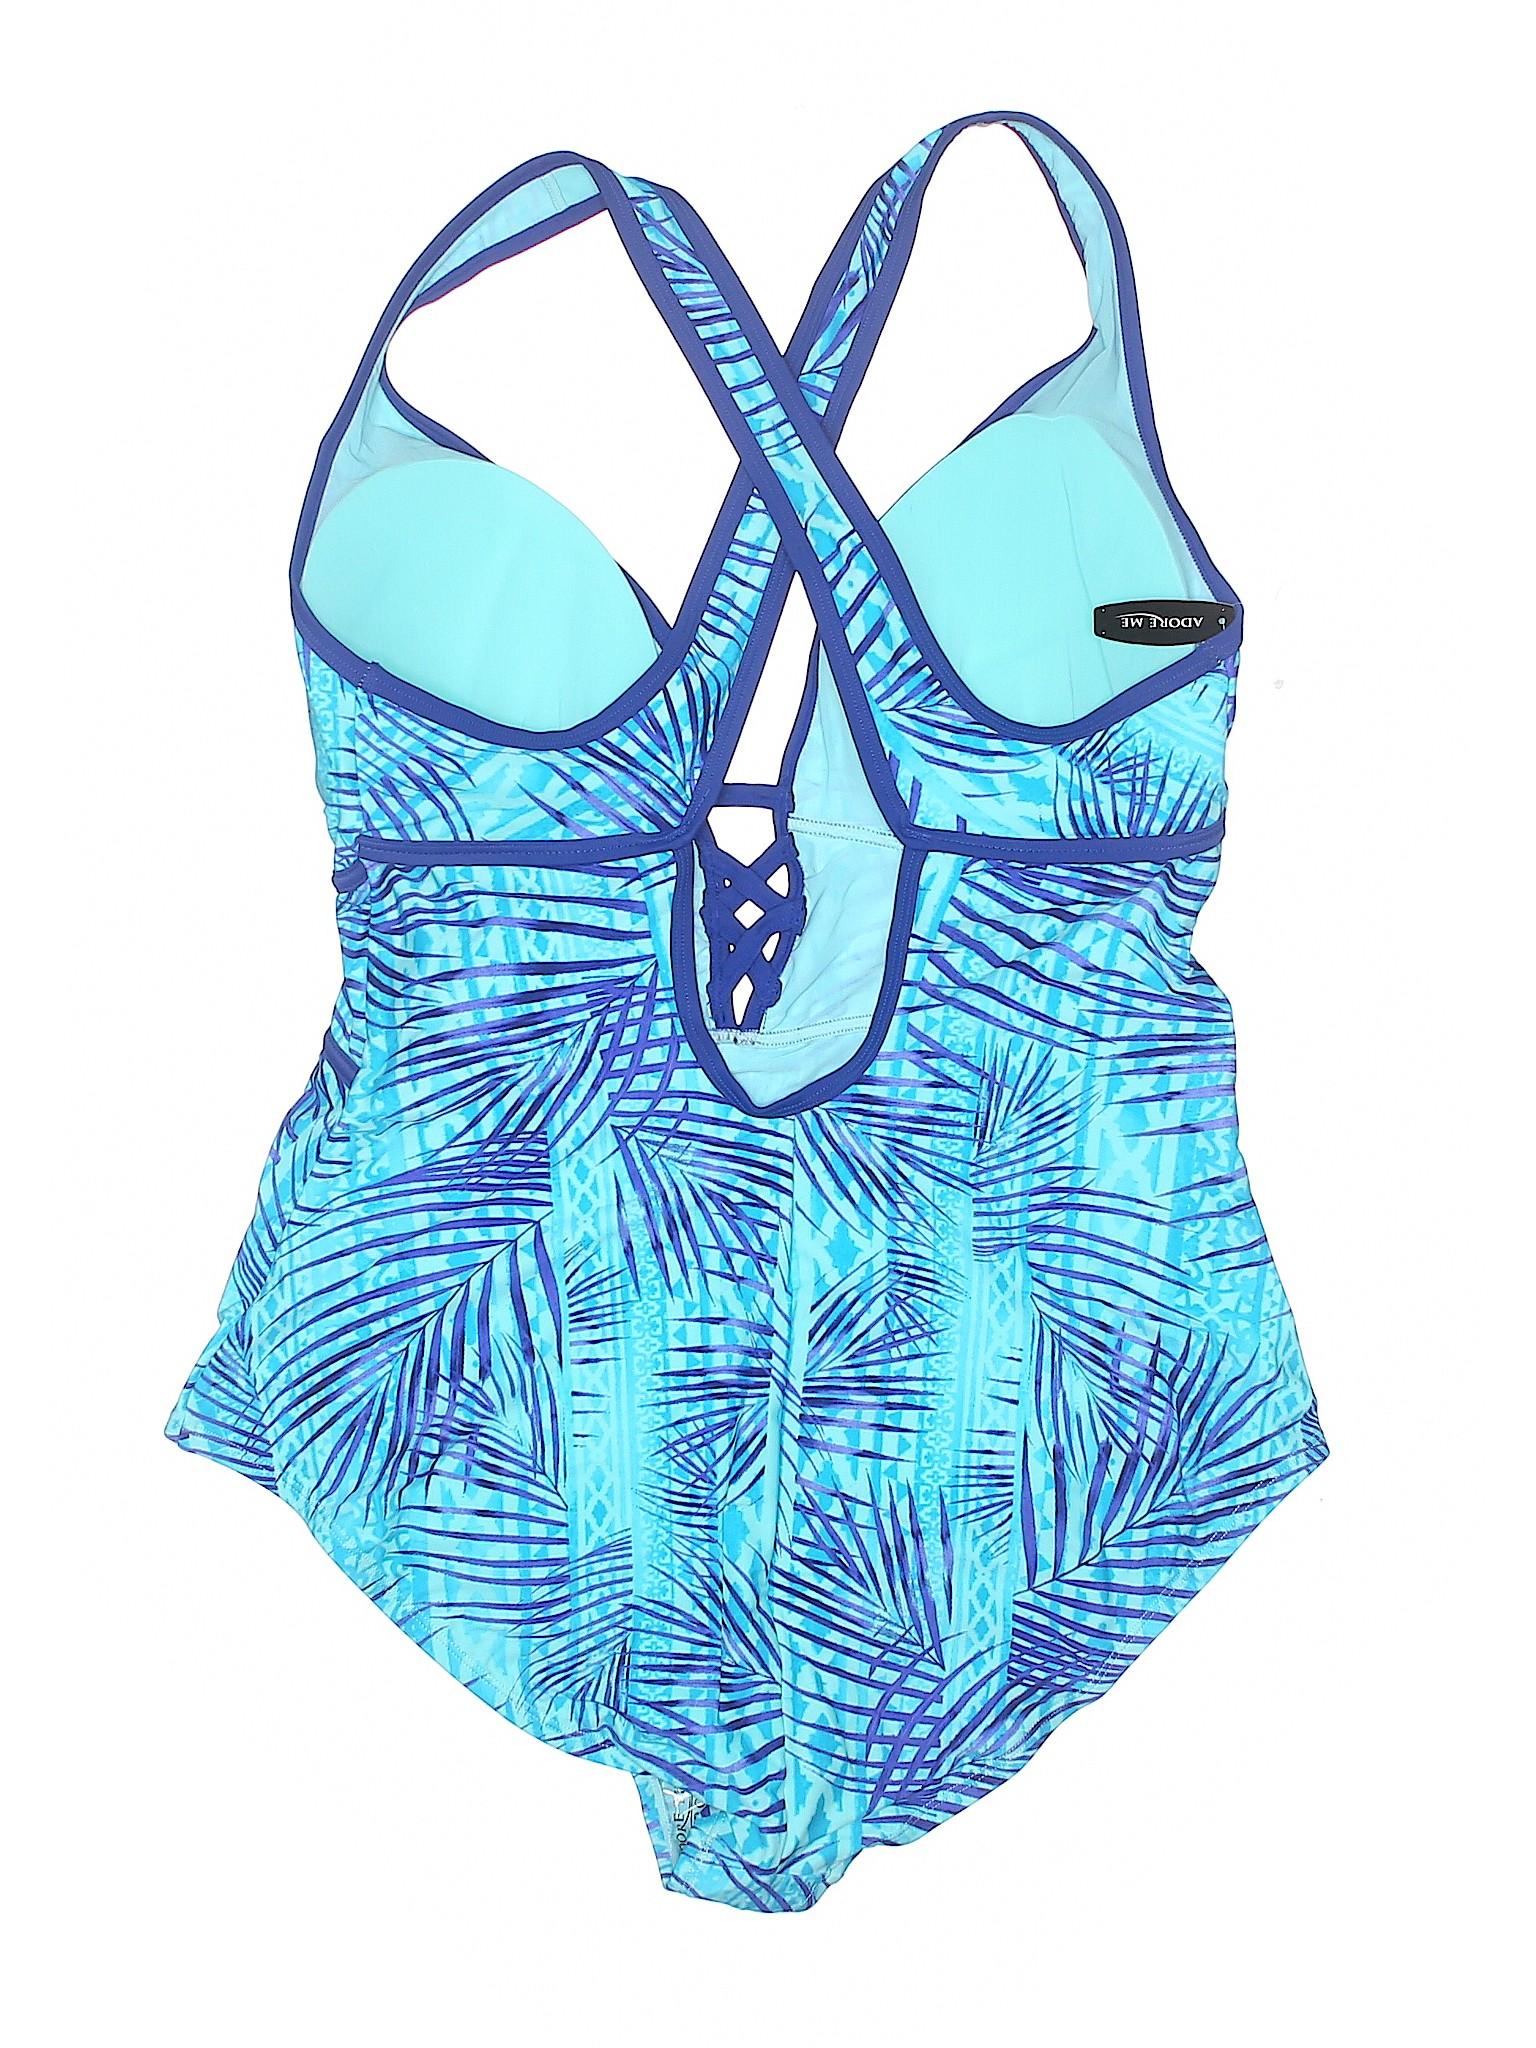 Boutique Swimsuit Adore Piece One Me HU4qZrH